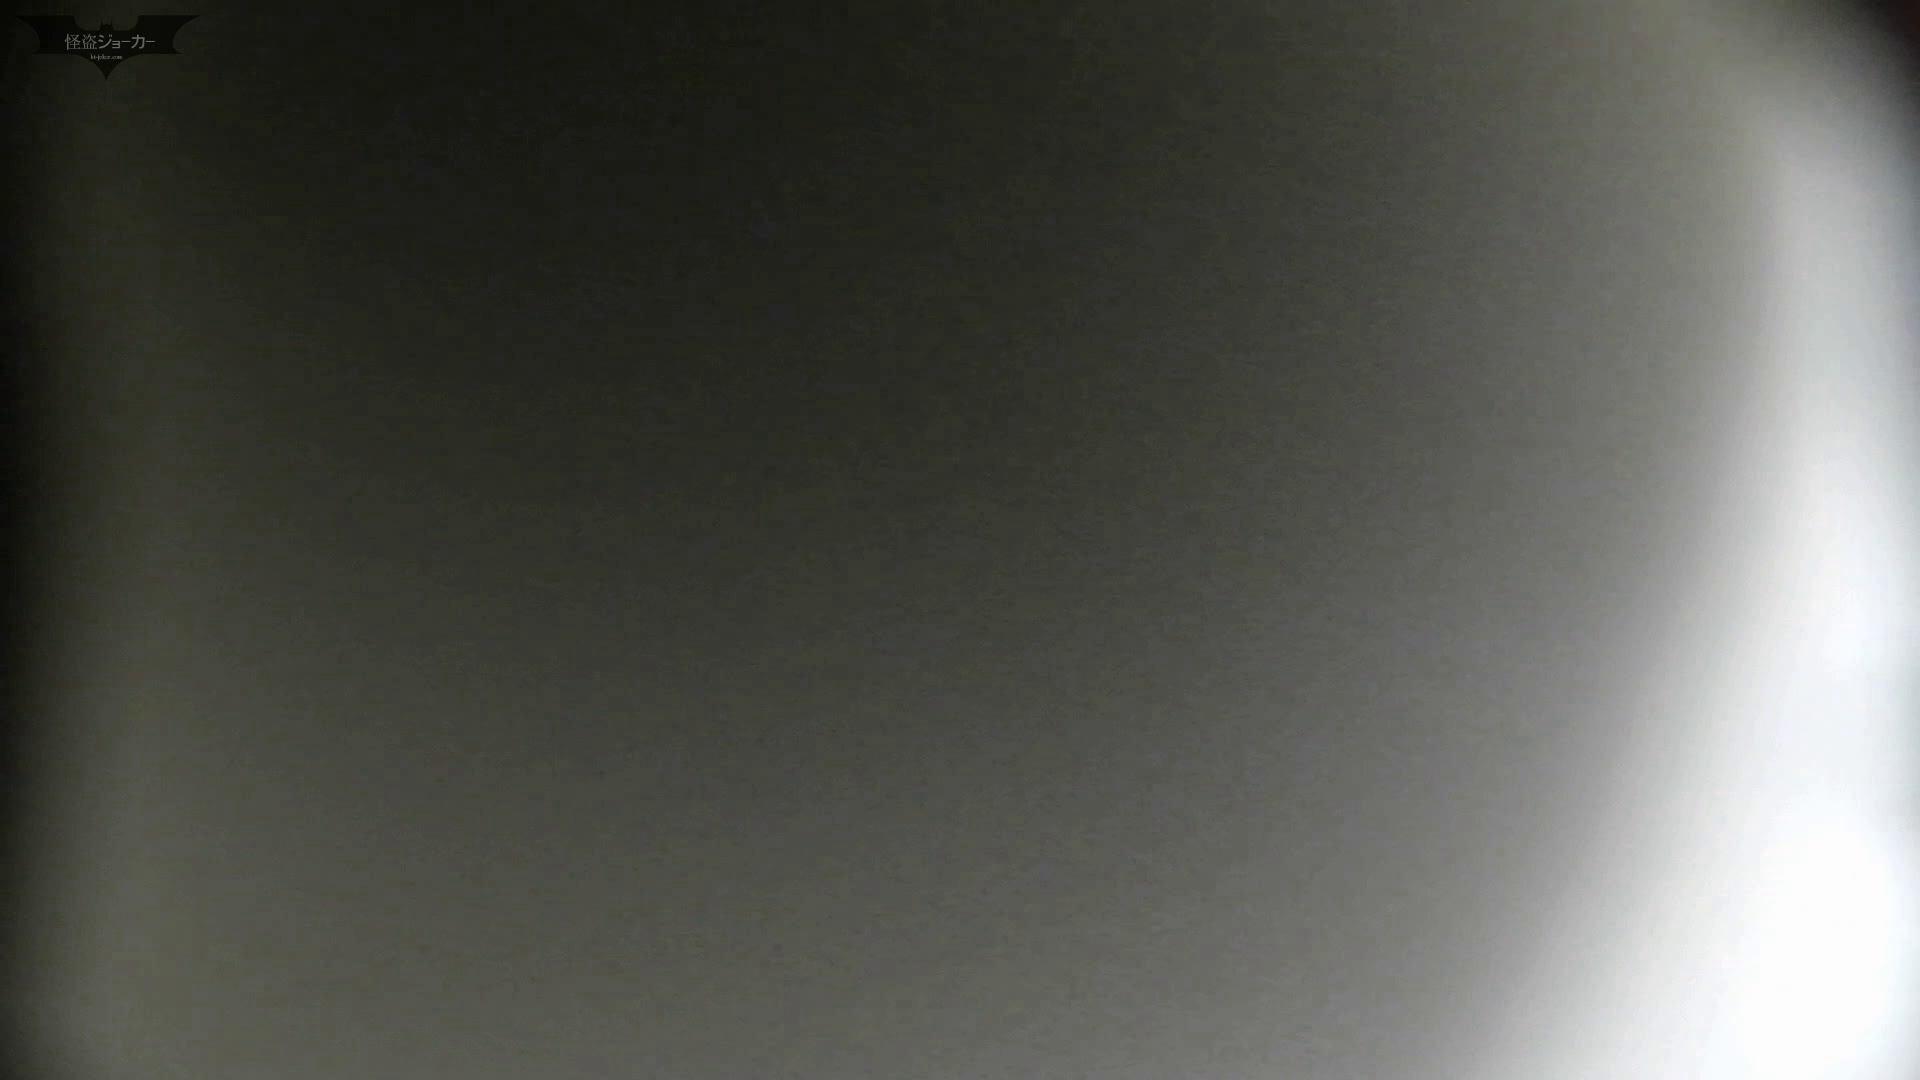 洗面所特攻隊 vol.66 珍事件発生!! 「指」で出【2015・05位】 洗面所 | 色っぽいOL達  91pic 71